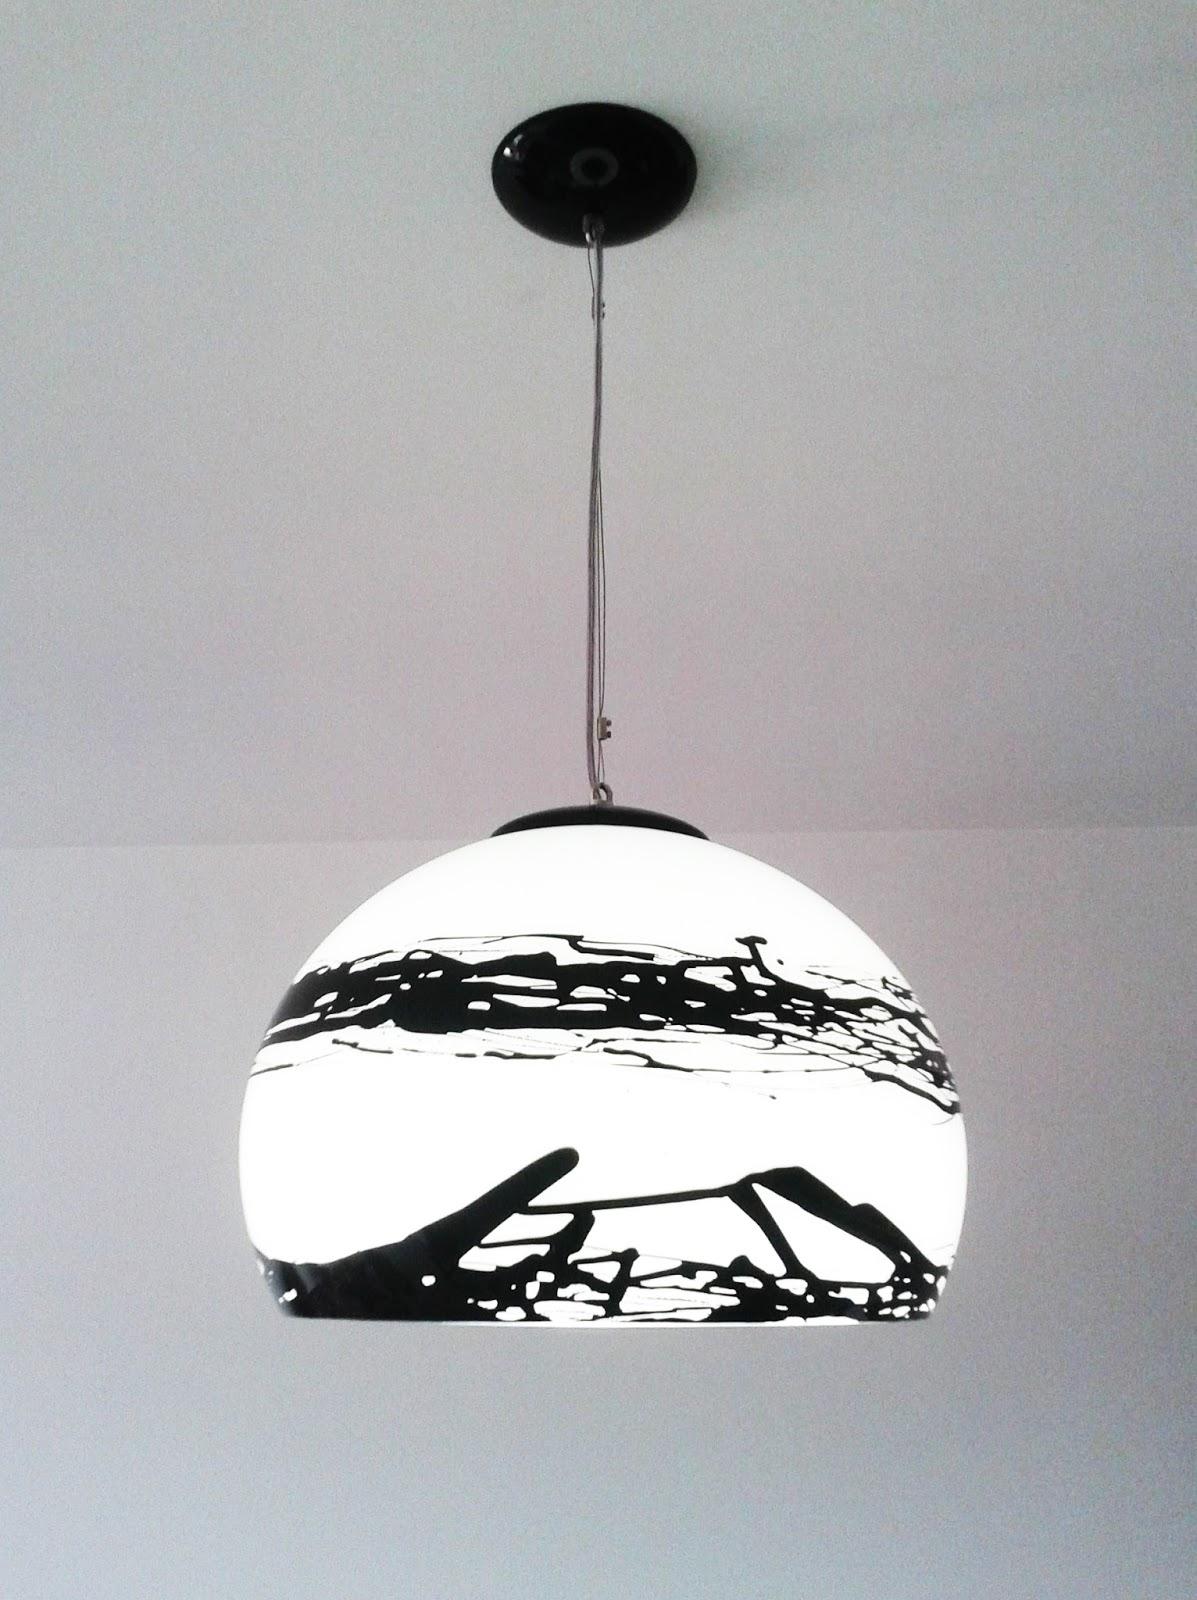 Modelos de lamparas de techo para cocina luces empotradas for Modelos de lamparas